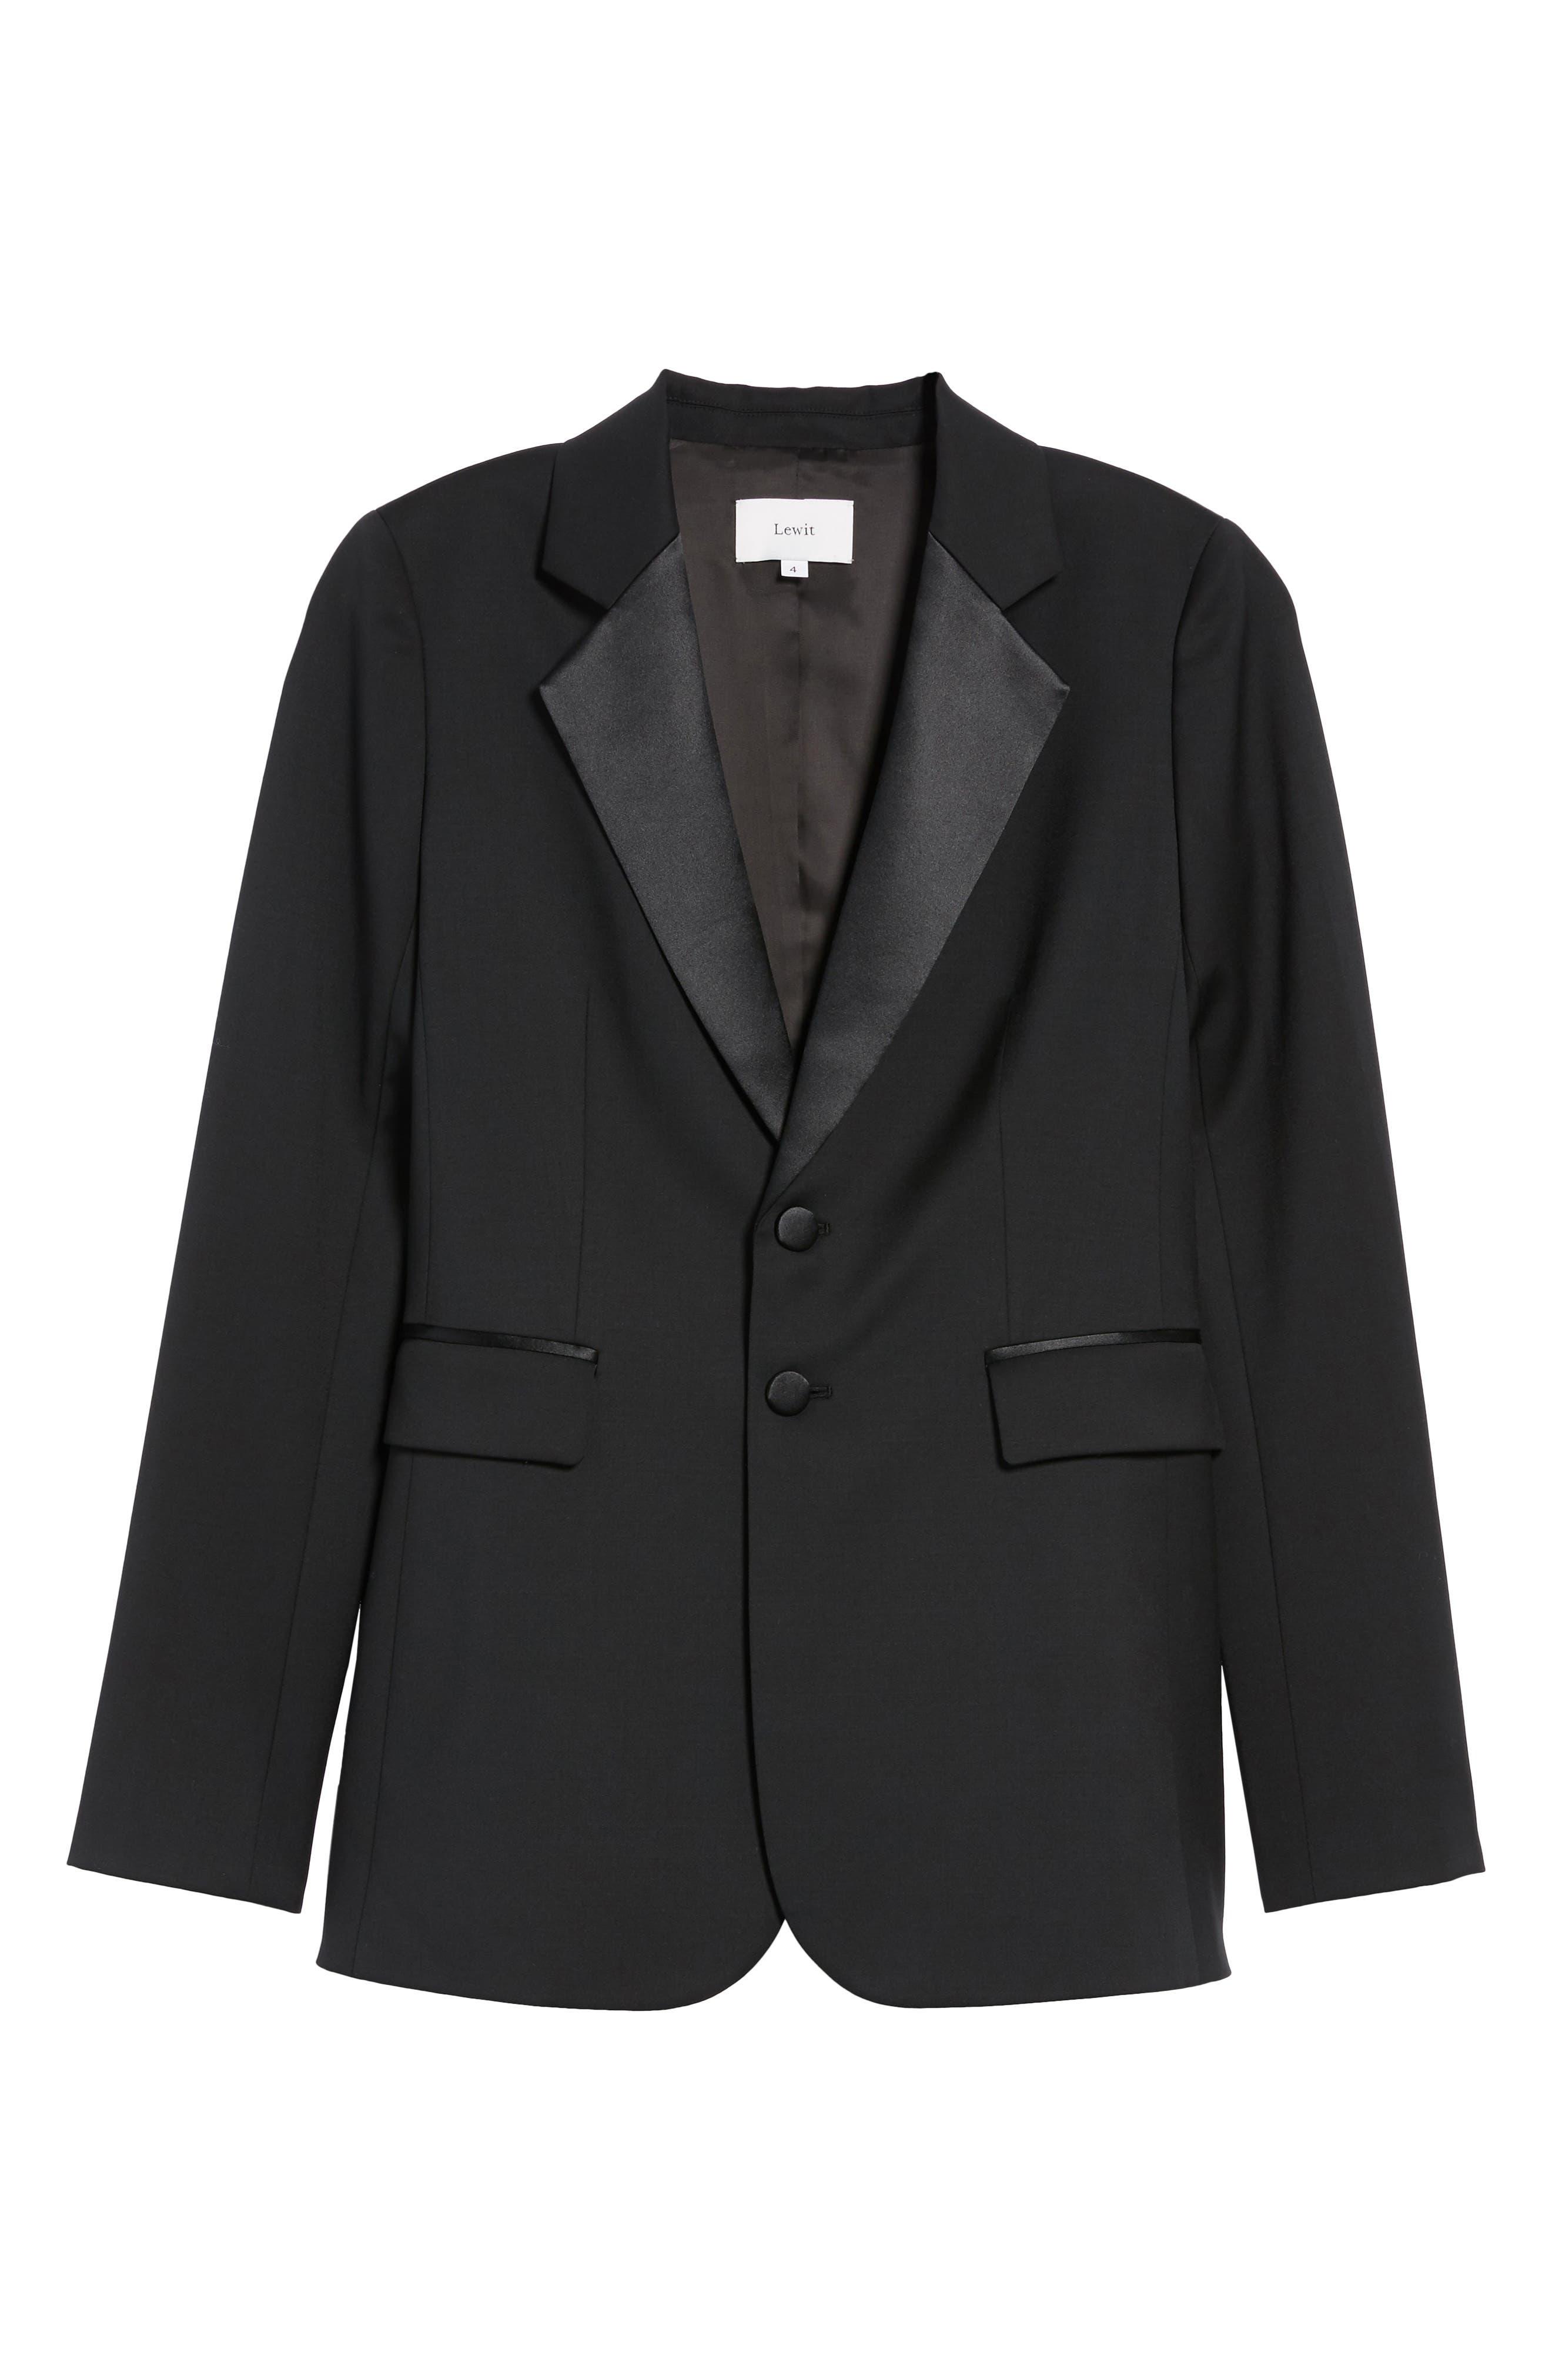 LEWIT,                             Tuxedo Detail Wool Suit Jacket,                             Alternate thumbnail 5, color,                             001